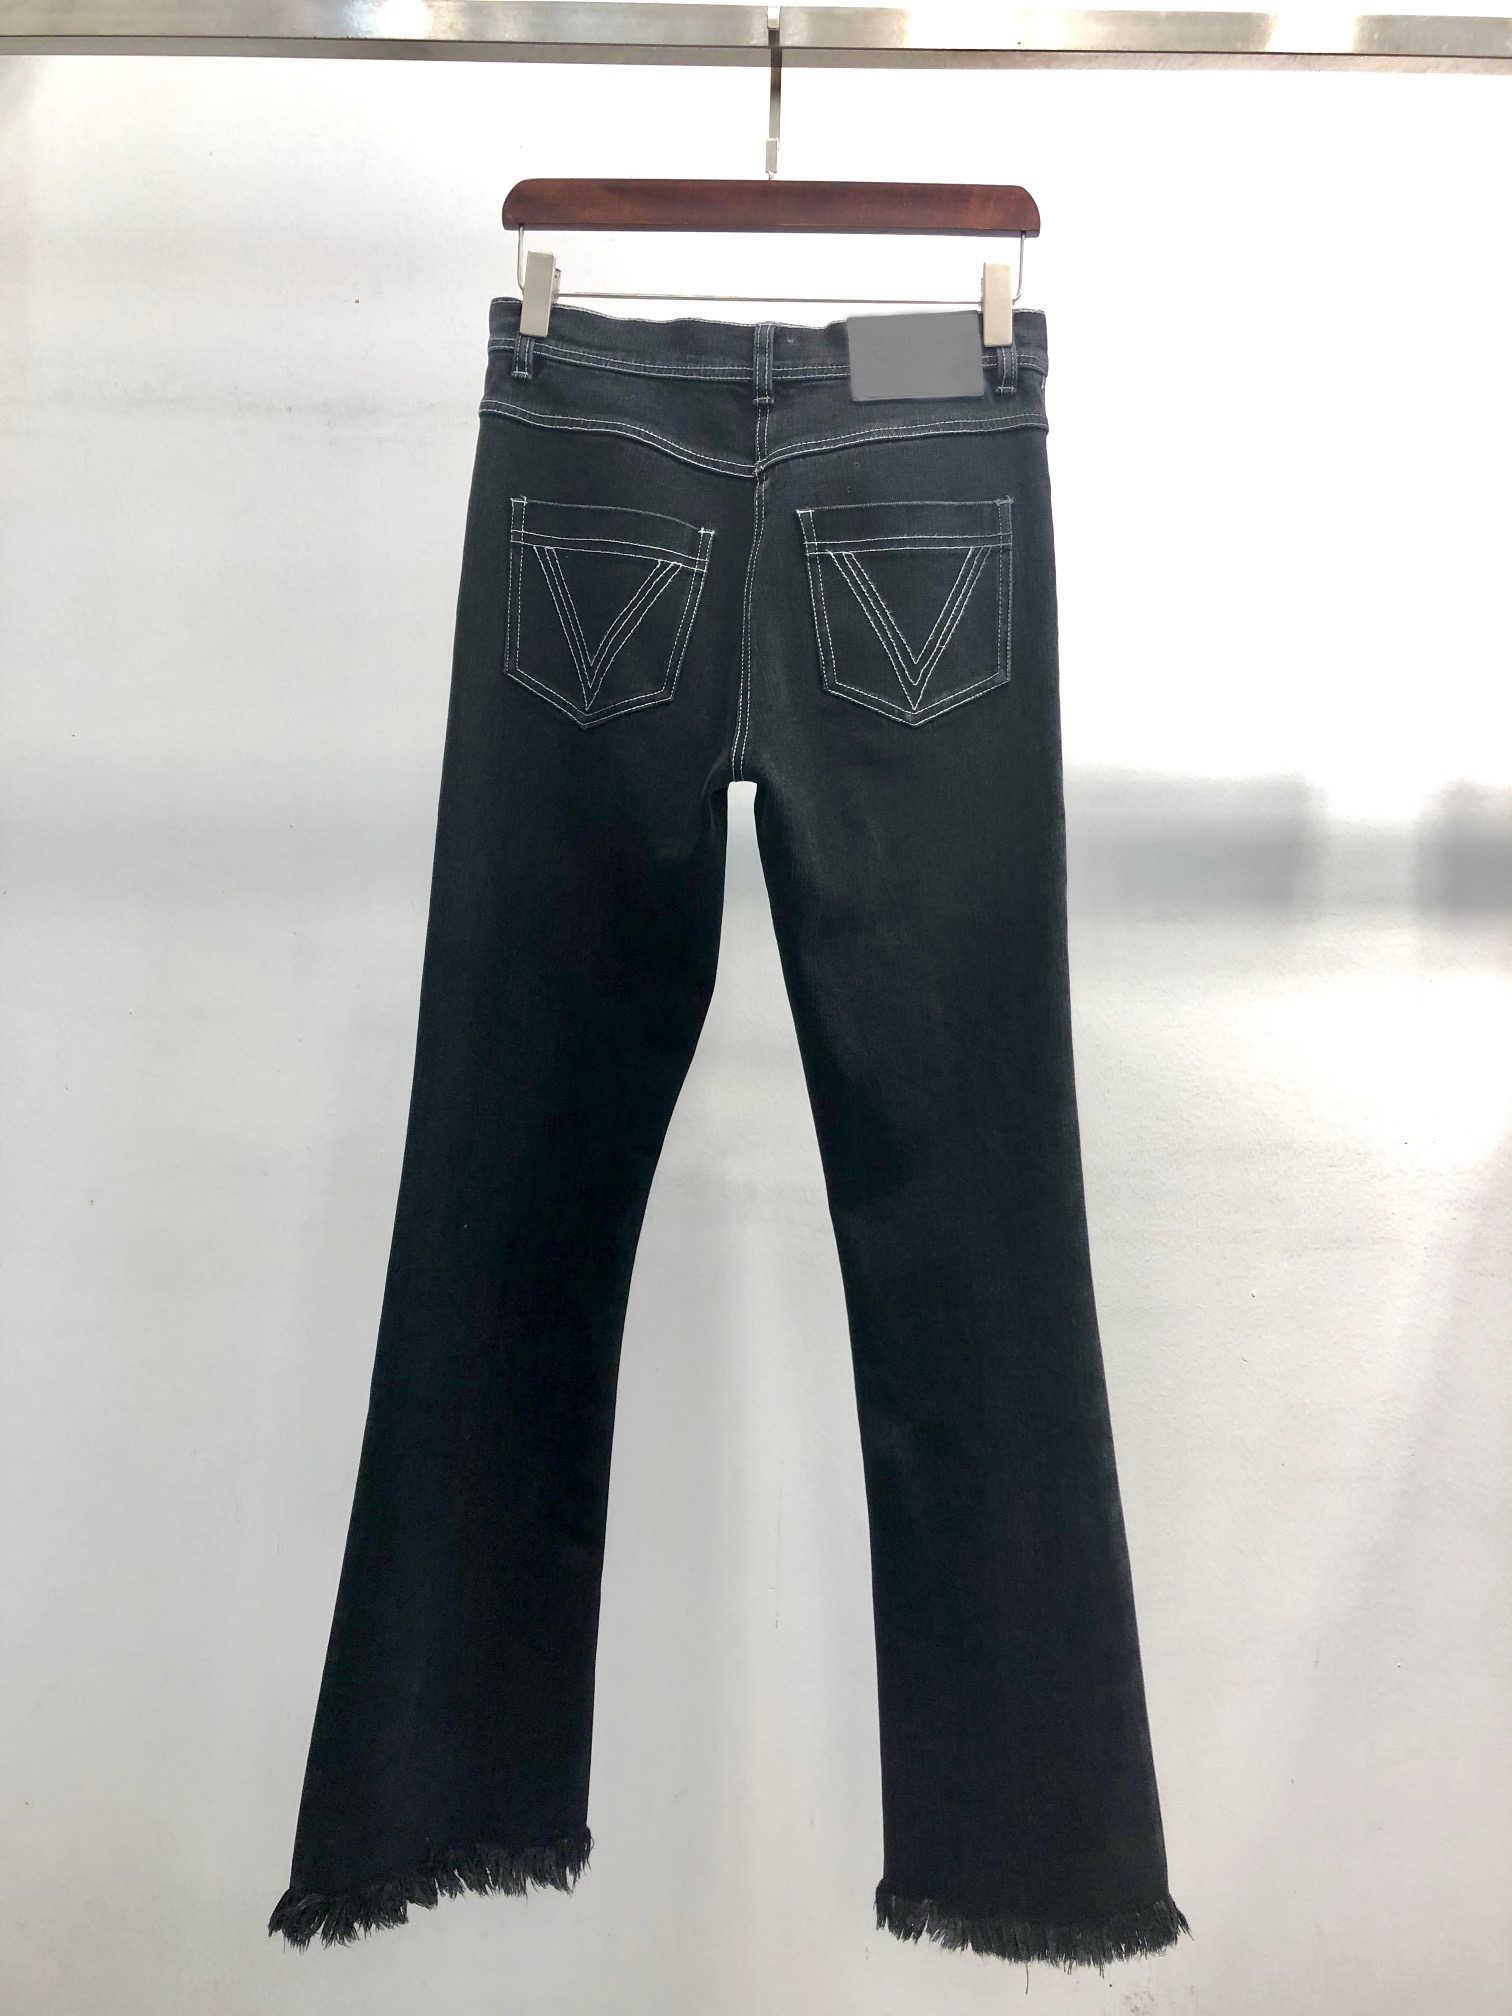 12.20 2020 yeni kadın ağır sanayi nakış püsküller orta bel Flare kot pantolon uzun pantolon